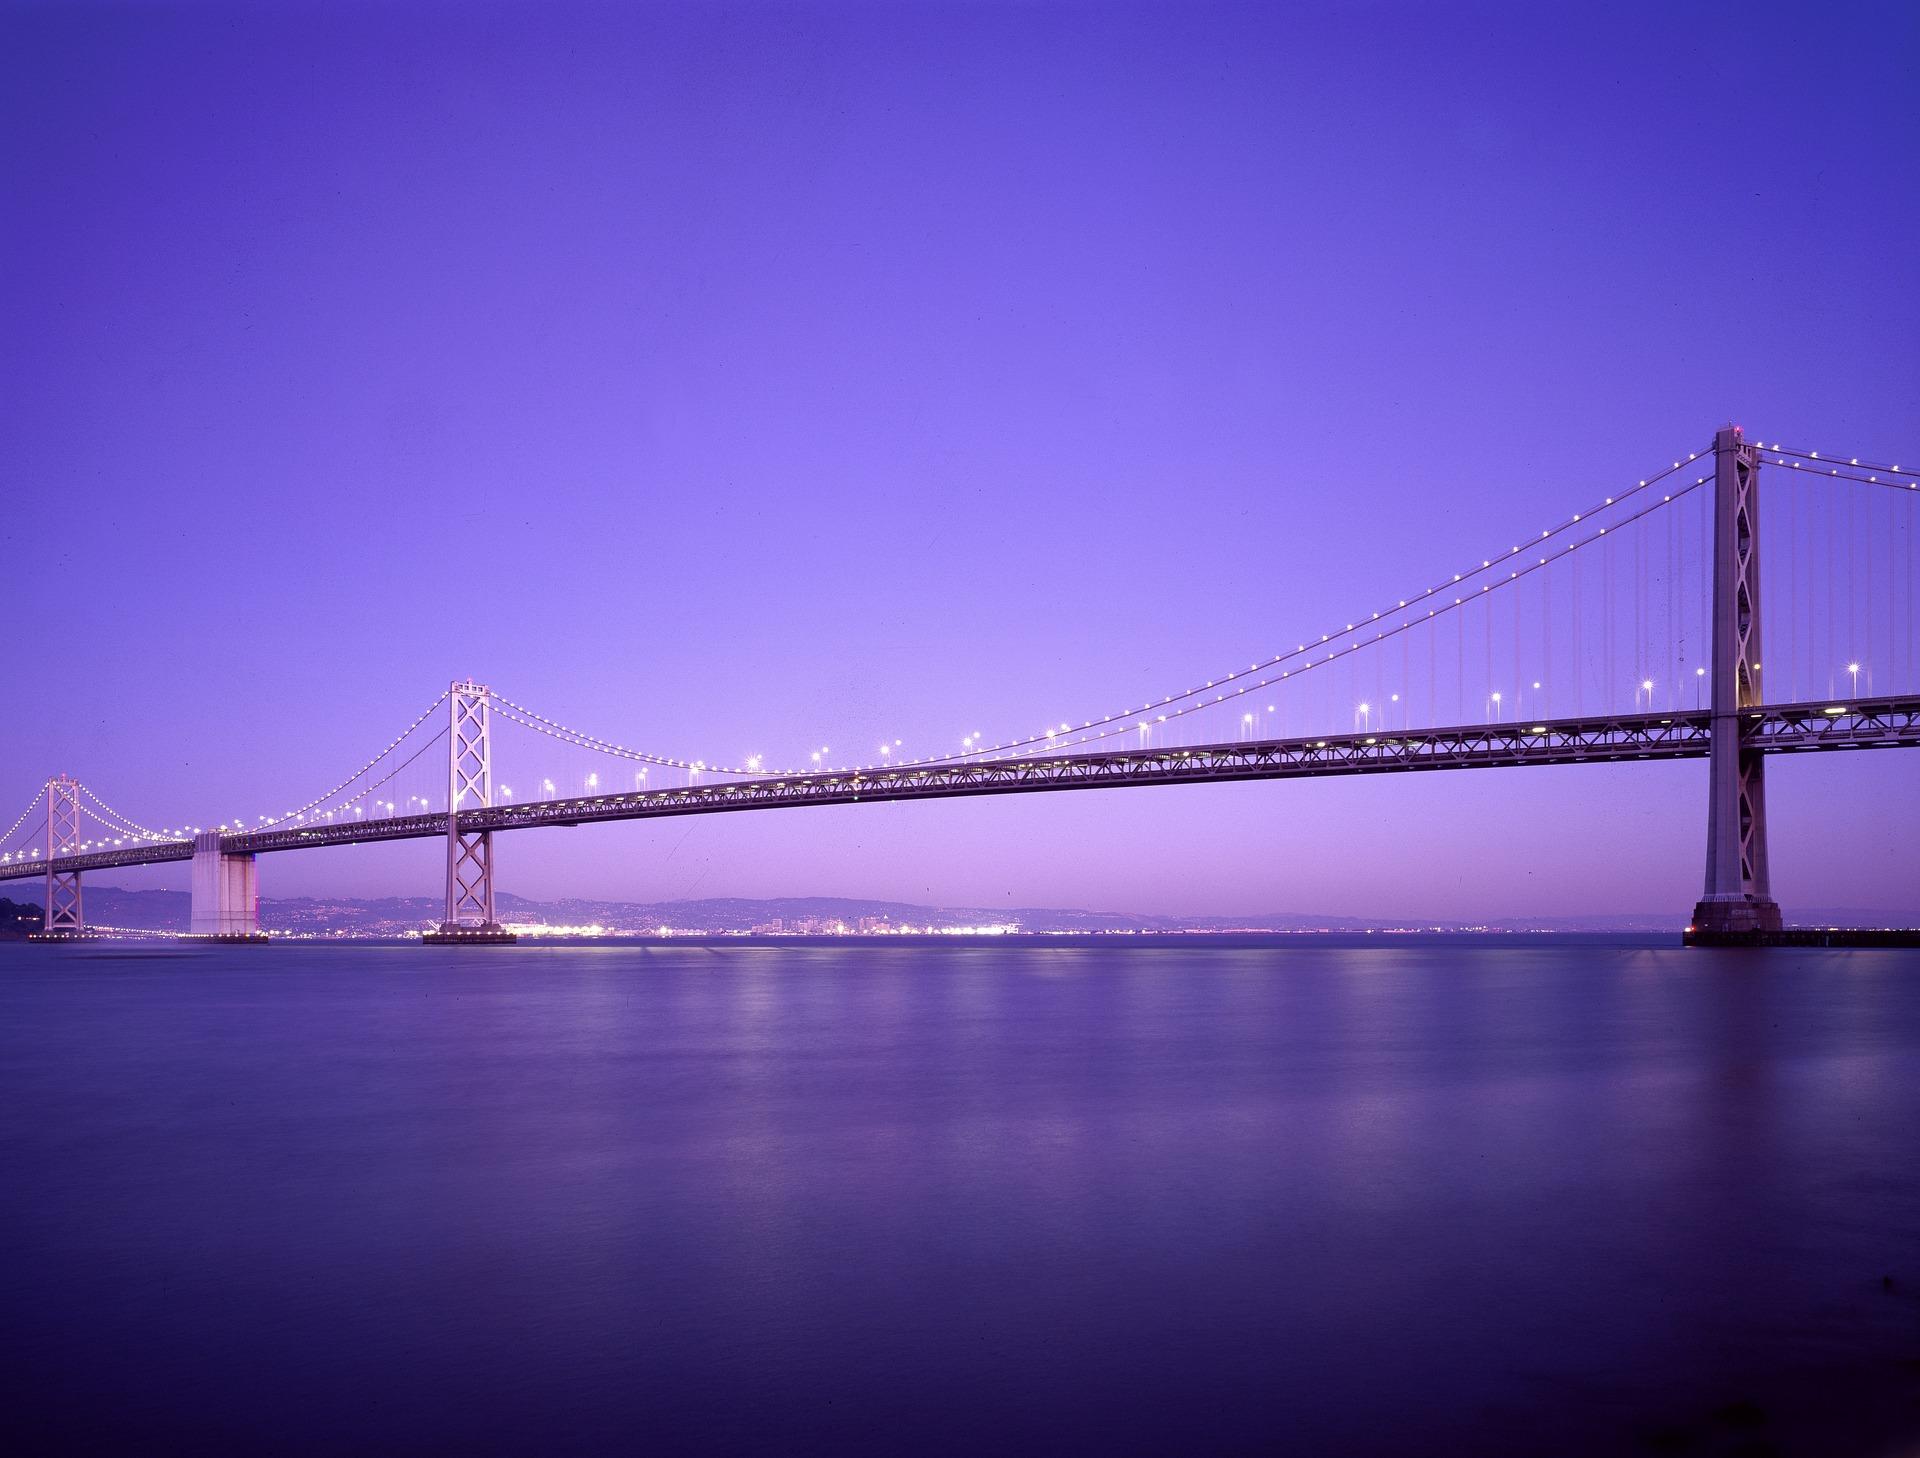 Китайці завершують будівництво найдовшого мосту в світі